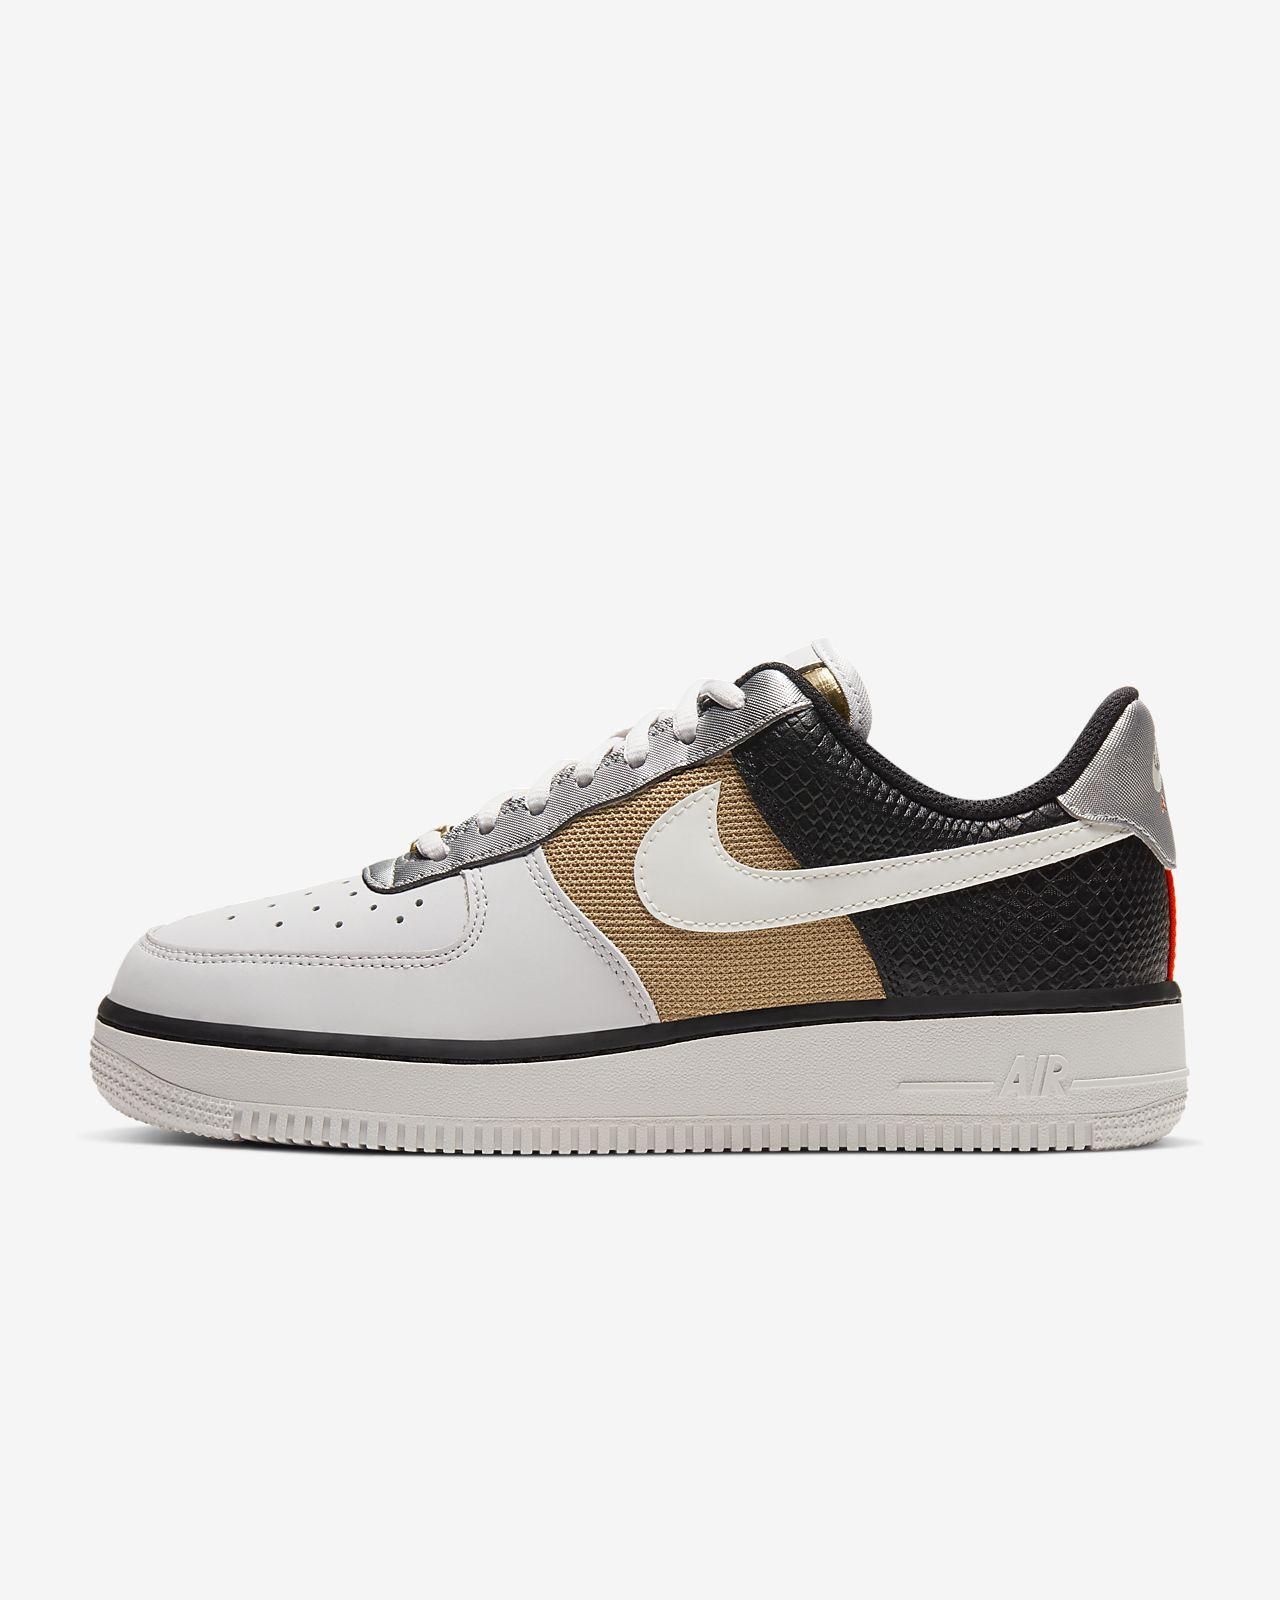 Dame Nike Air Force 1 Flyknit Hvid Guld Sko